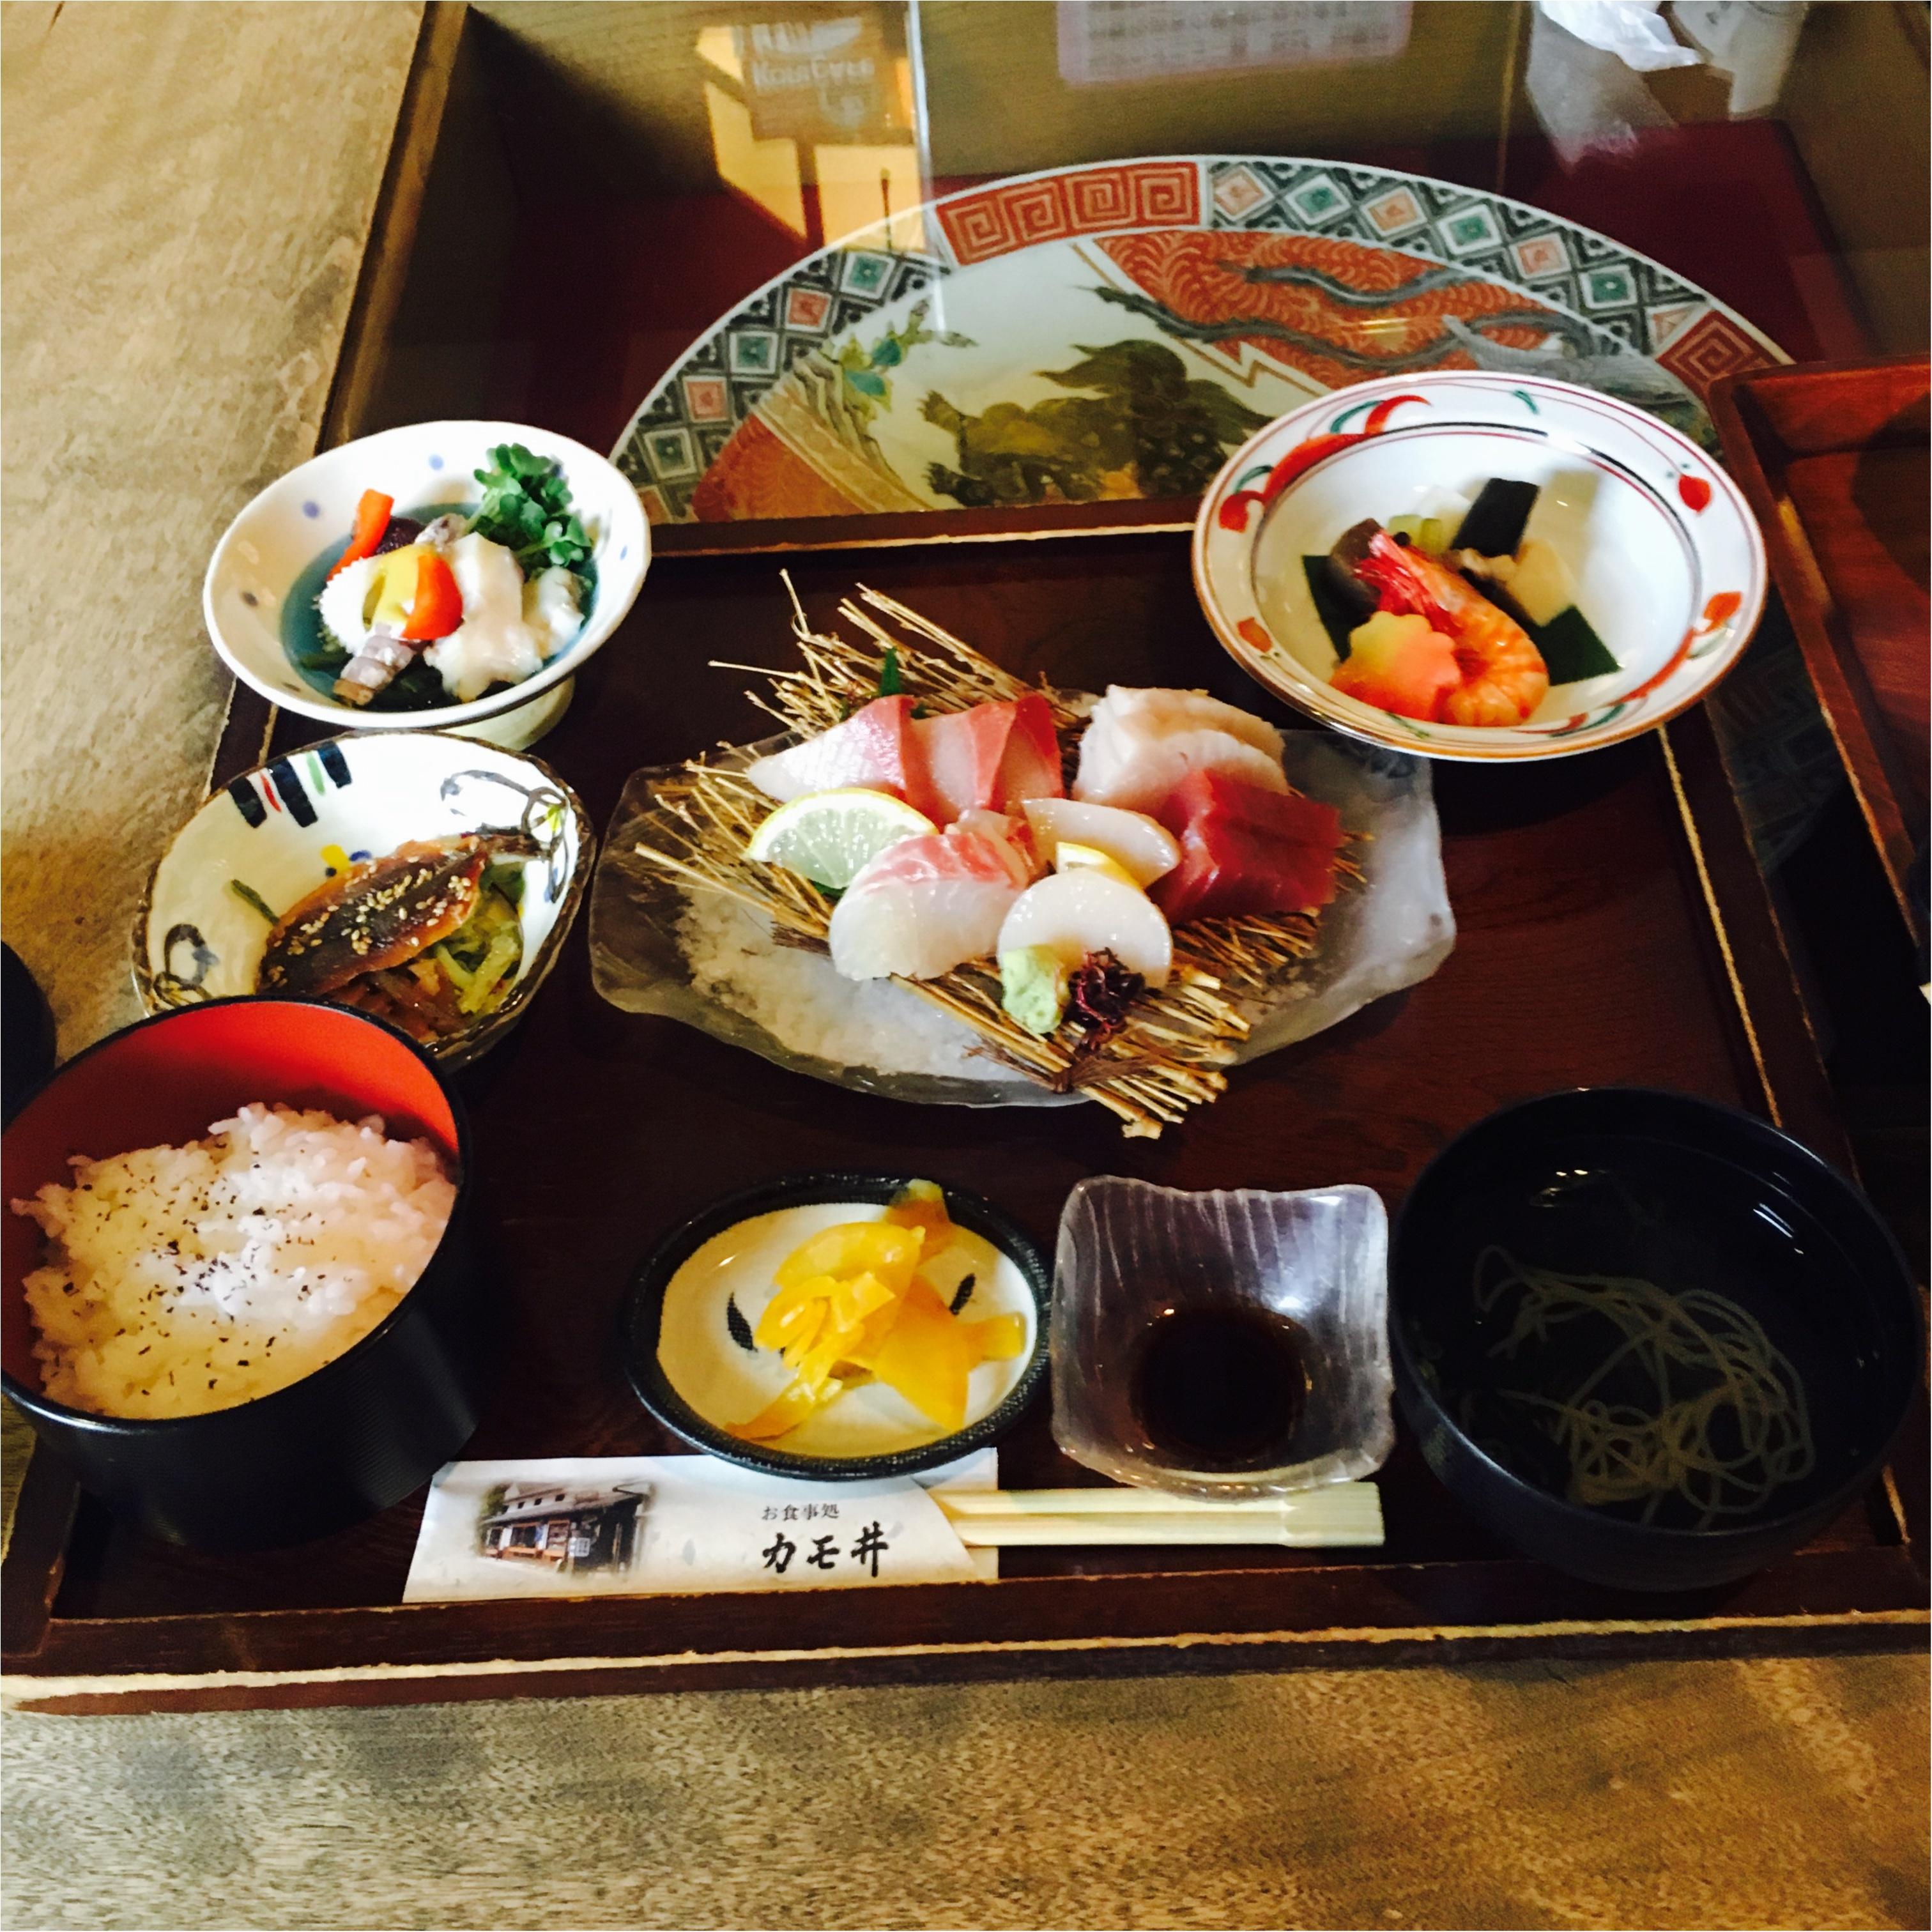 【岡山・倉敷 旅行②】茶房≪カモ井≫のランチが美味しすぎる!地元の食材を満喫しました!_3